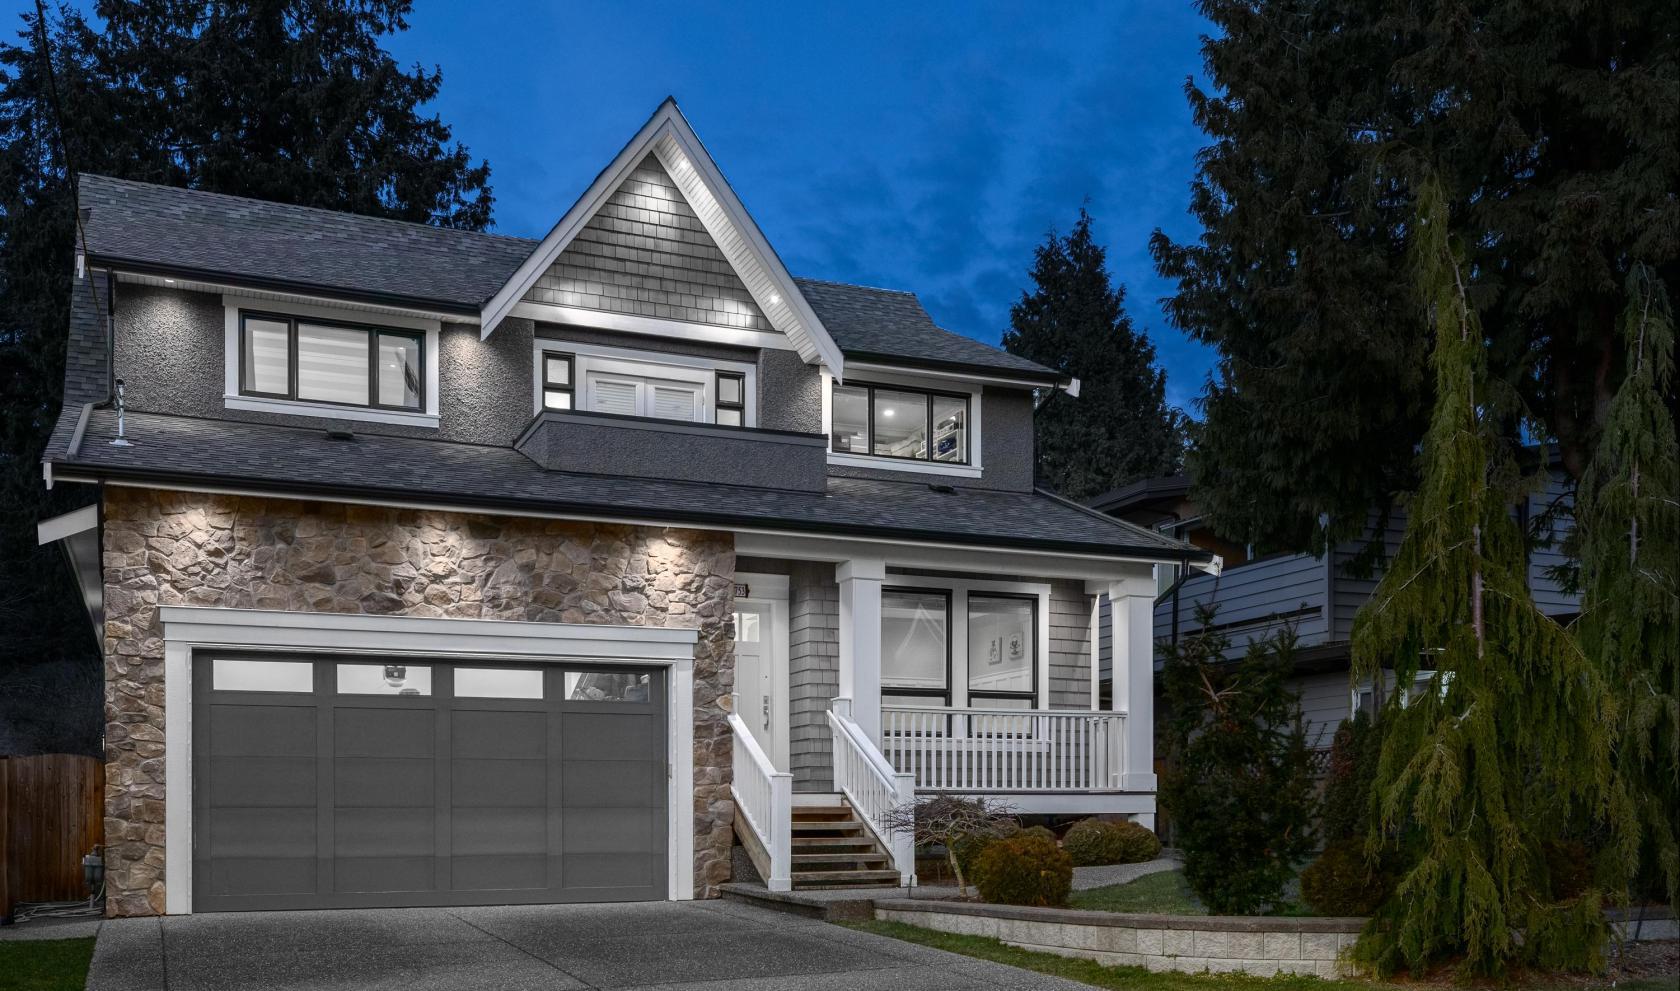 12753 15 Avenue, Crescent Bch Ocean Pk., South Surrey White Rock